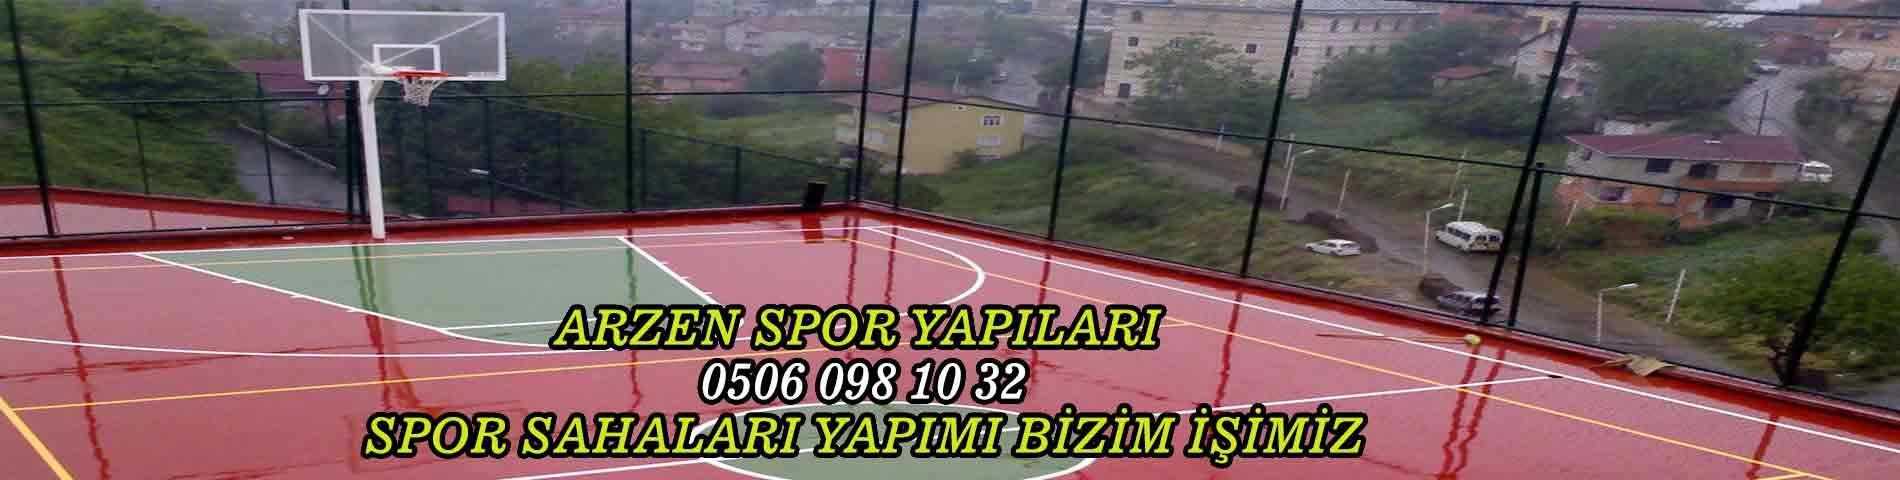 basketbol sahası yapım firması